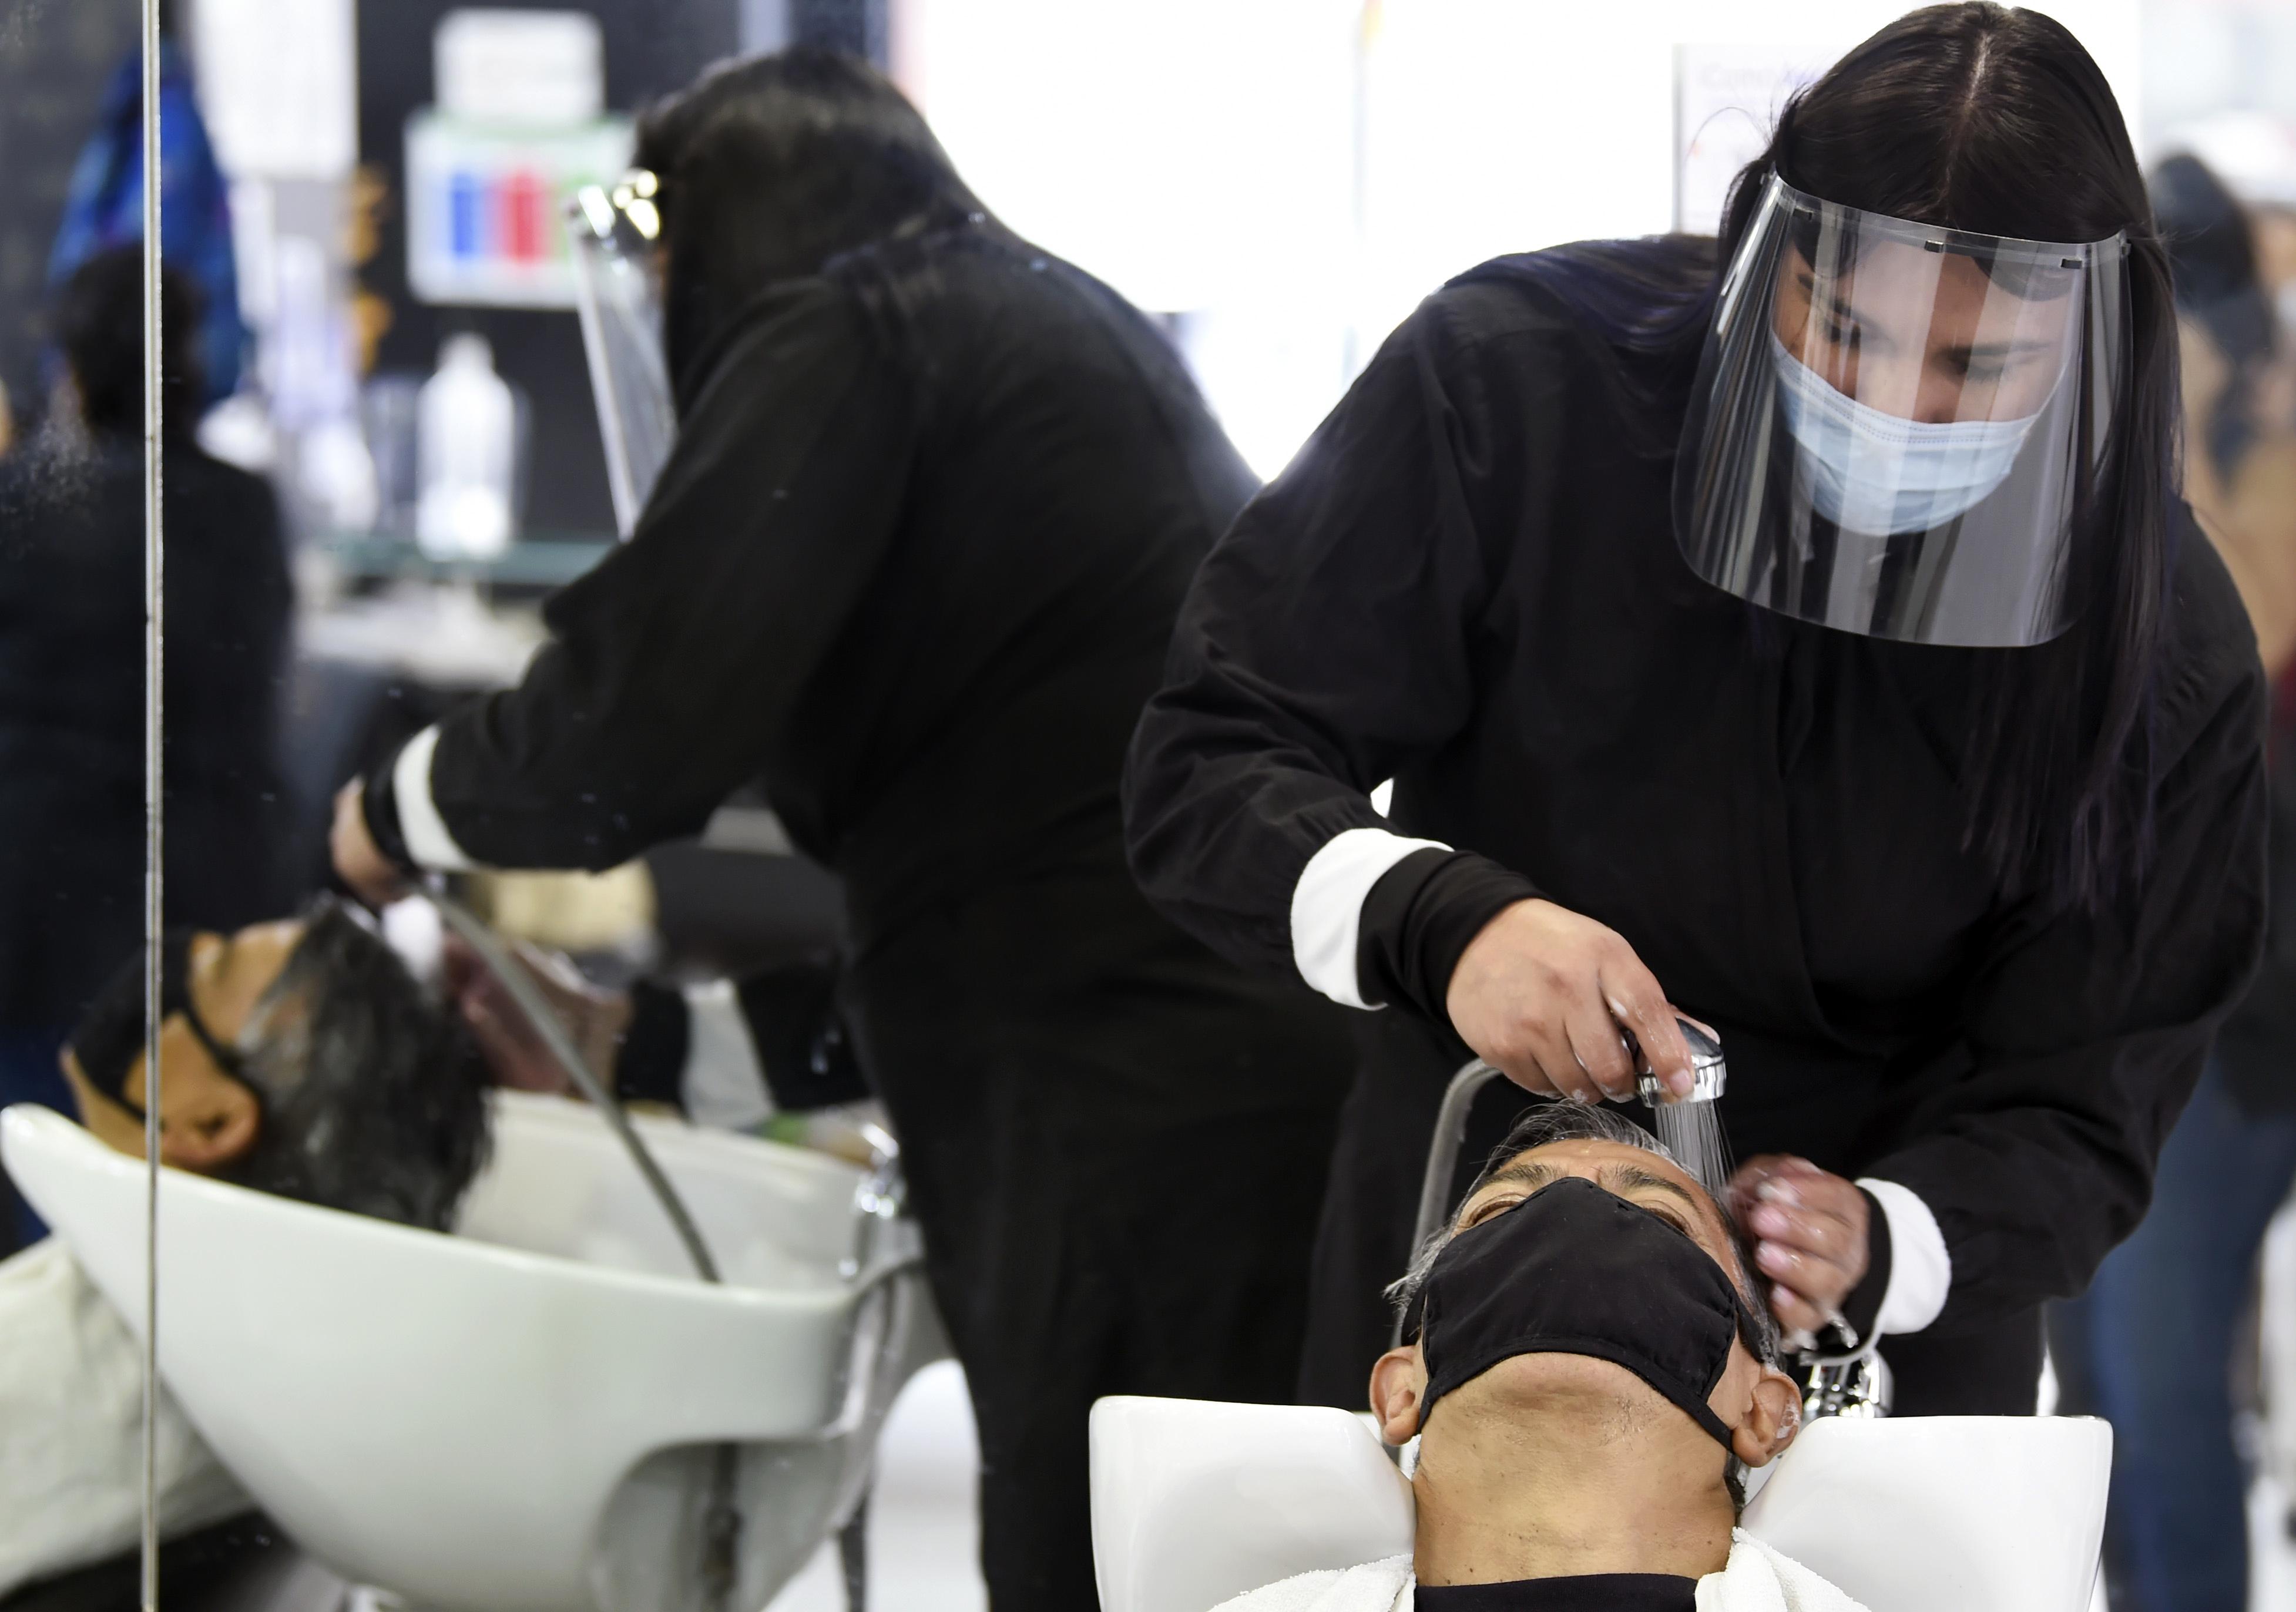 Un empleado en un salón de belleza atiende a un cliente, durante la pandemia COVID-19, en la Ciudad de México el 29 de junio de 2020. (Foto: ALFREDO ESTRELLA / AFP)